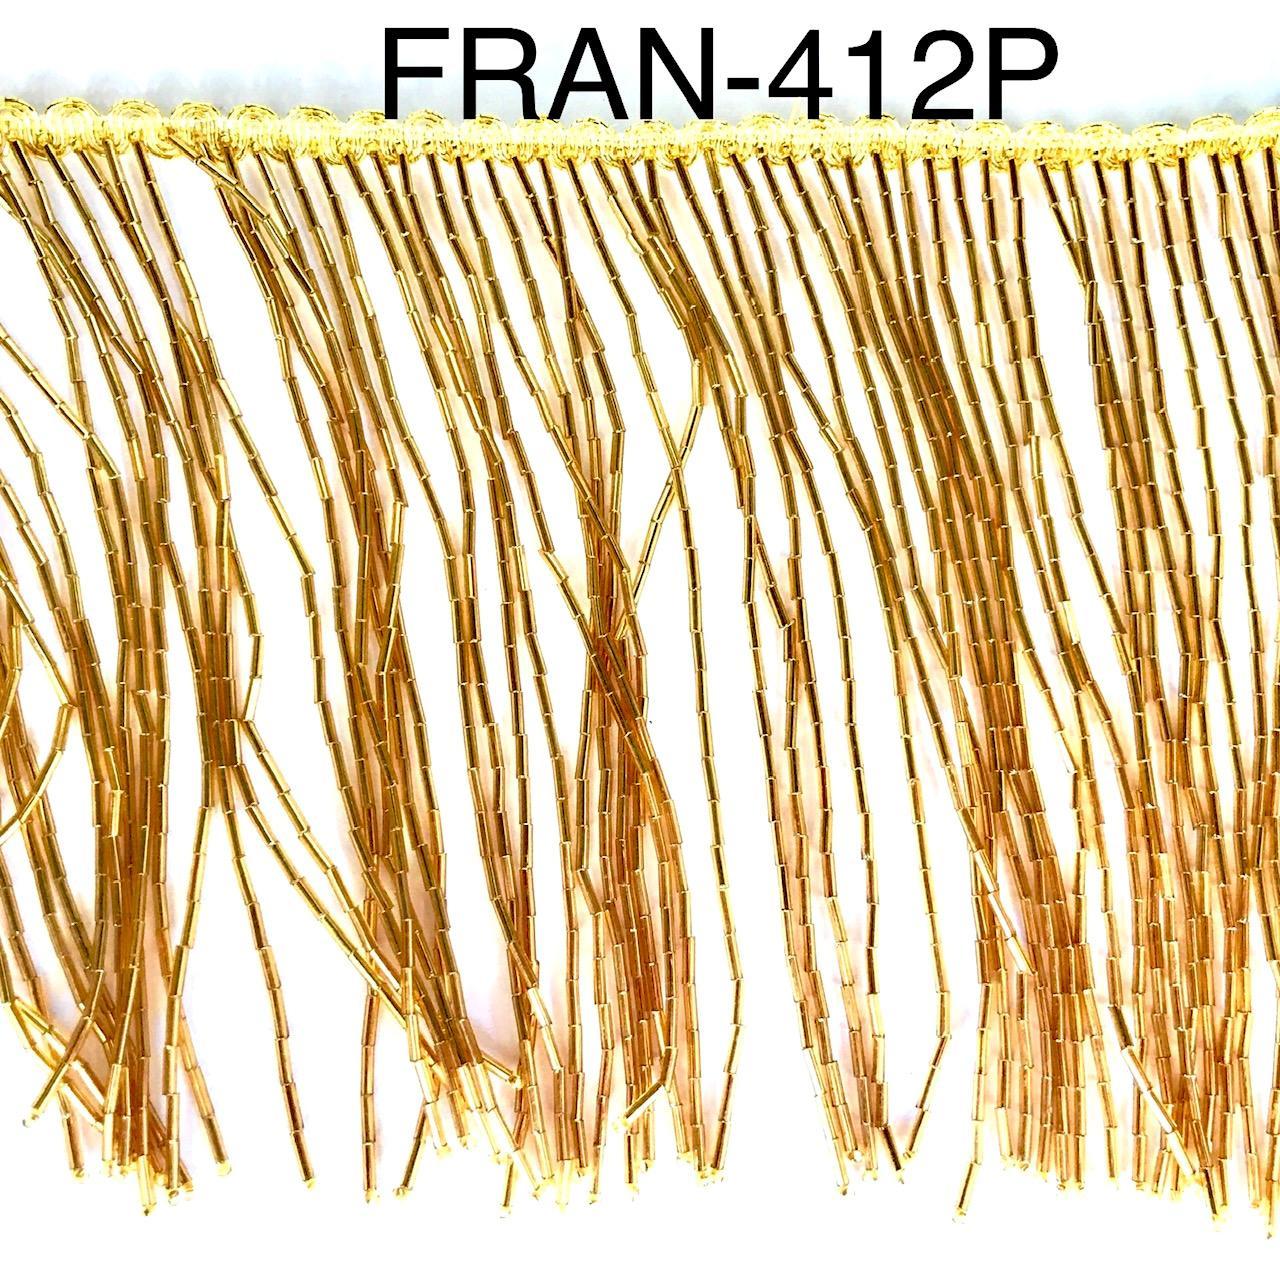 Franges a coudre en perles or dore 15cm 412p